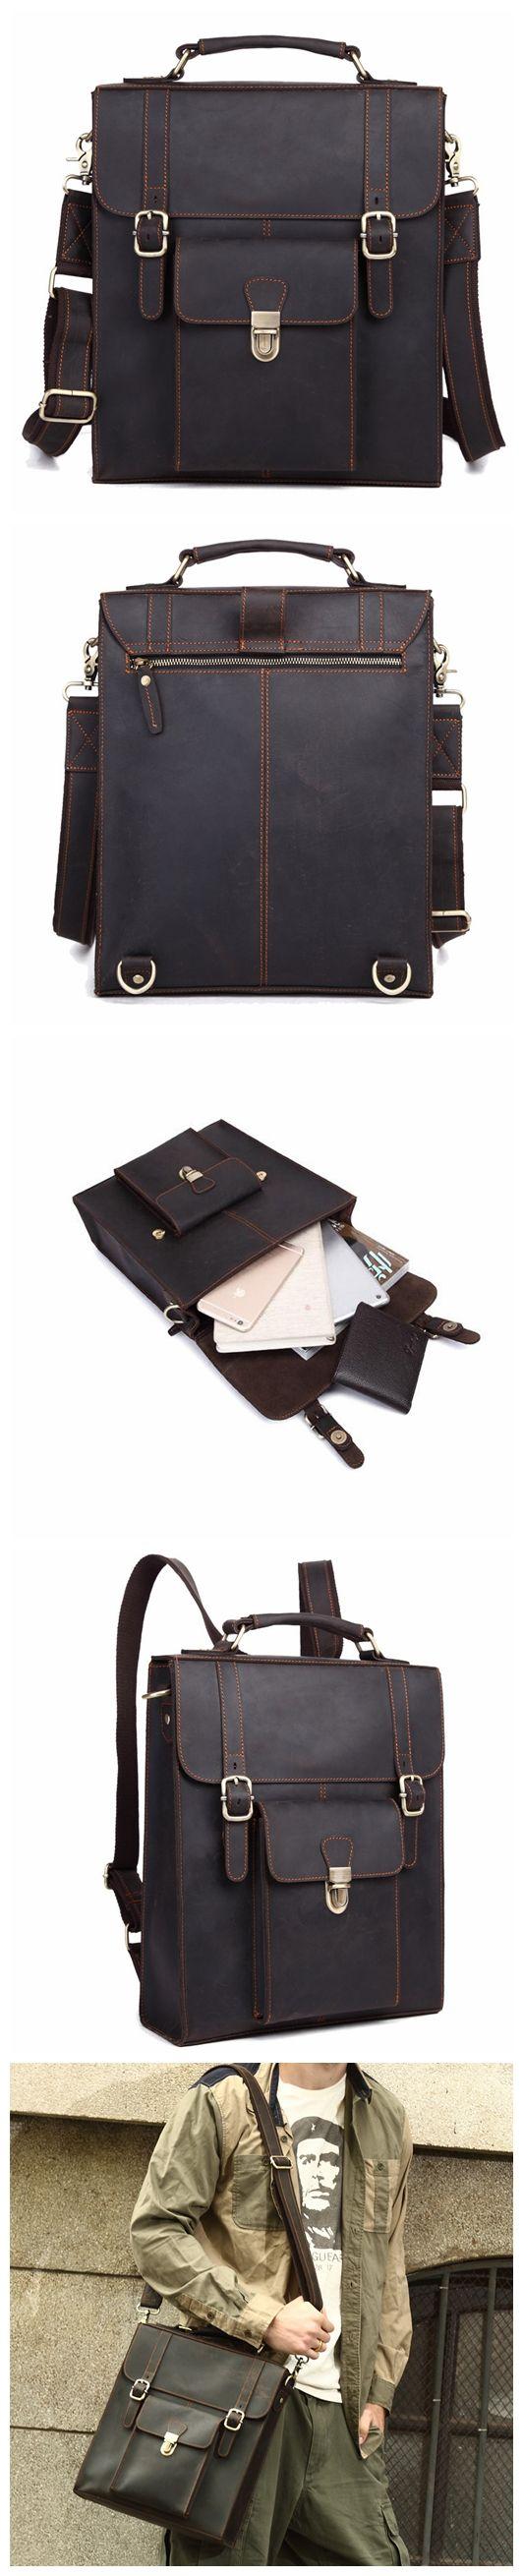 Multi-Use Genuine Leather Messenger Bag, Leather Backpack For Men, Crossbody Shoulder Bag